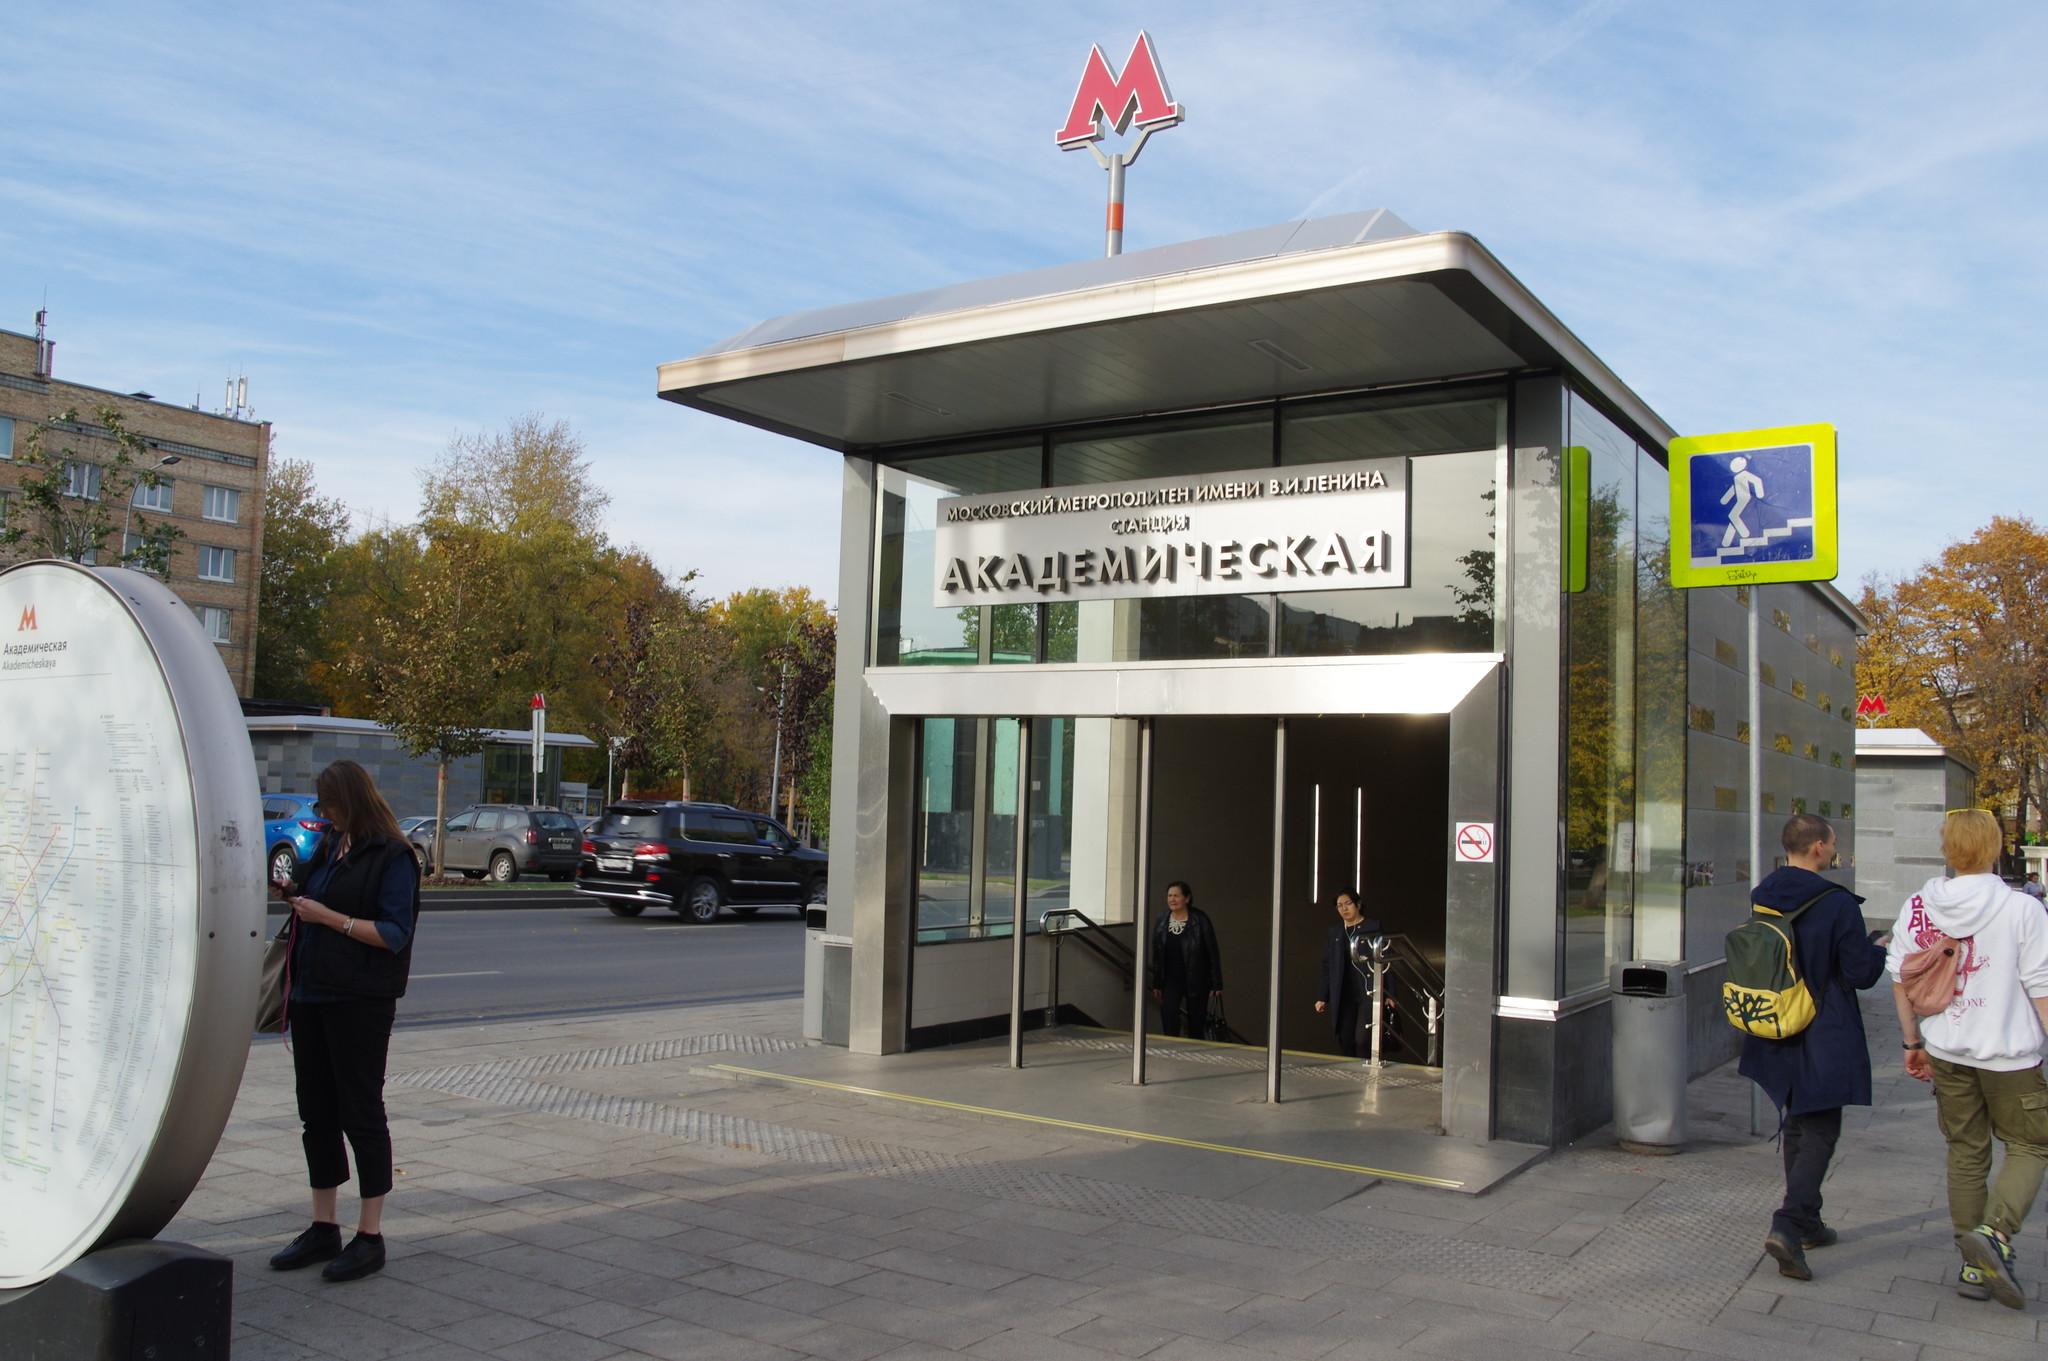 Станция «Академическая» Калужско-Рижской линии Московского метрополитена